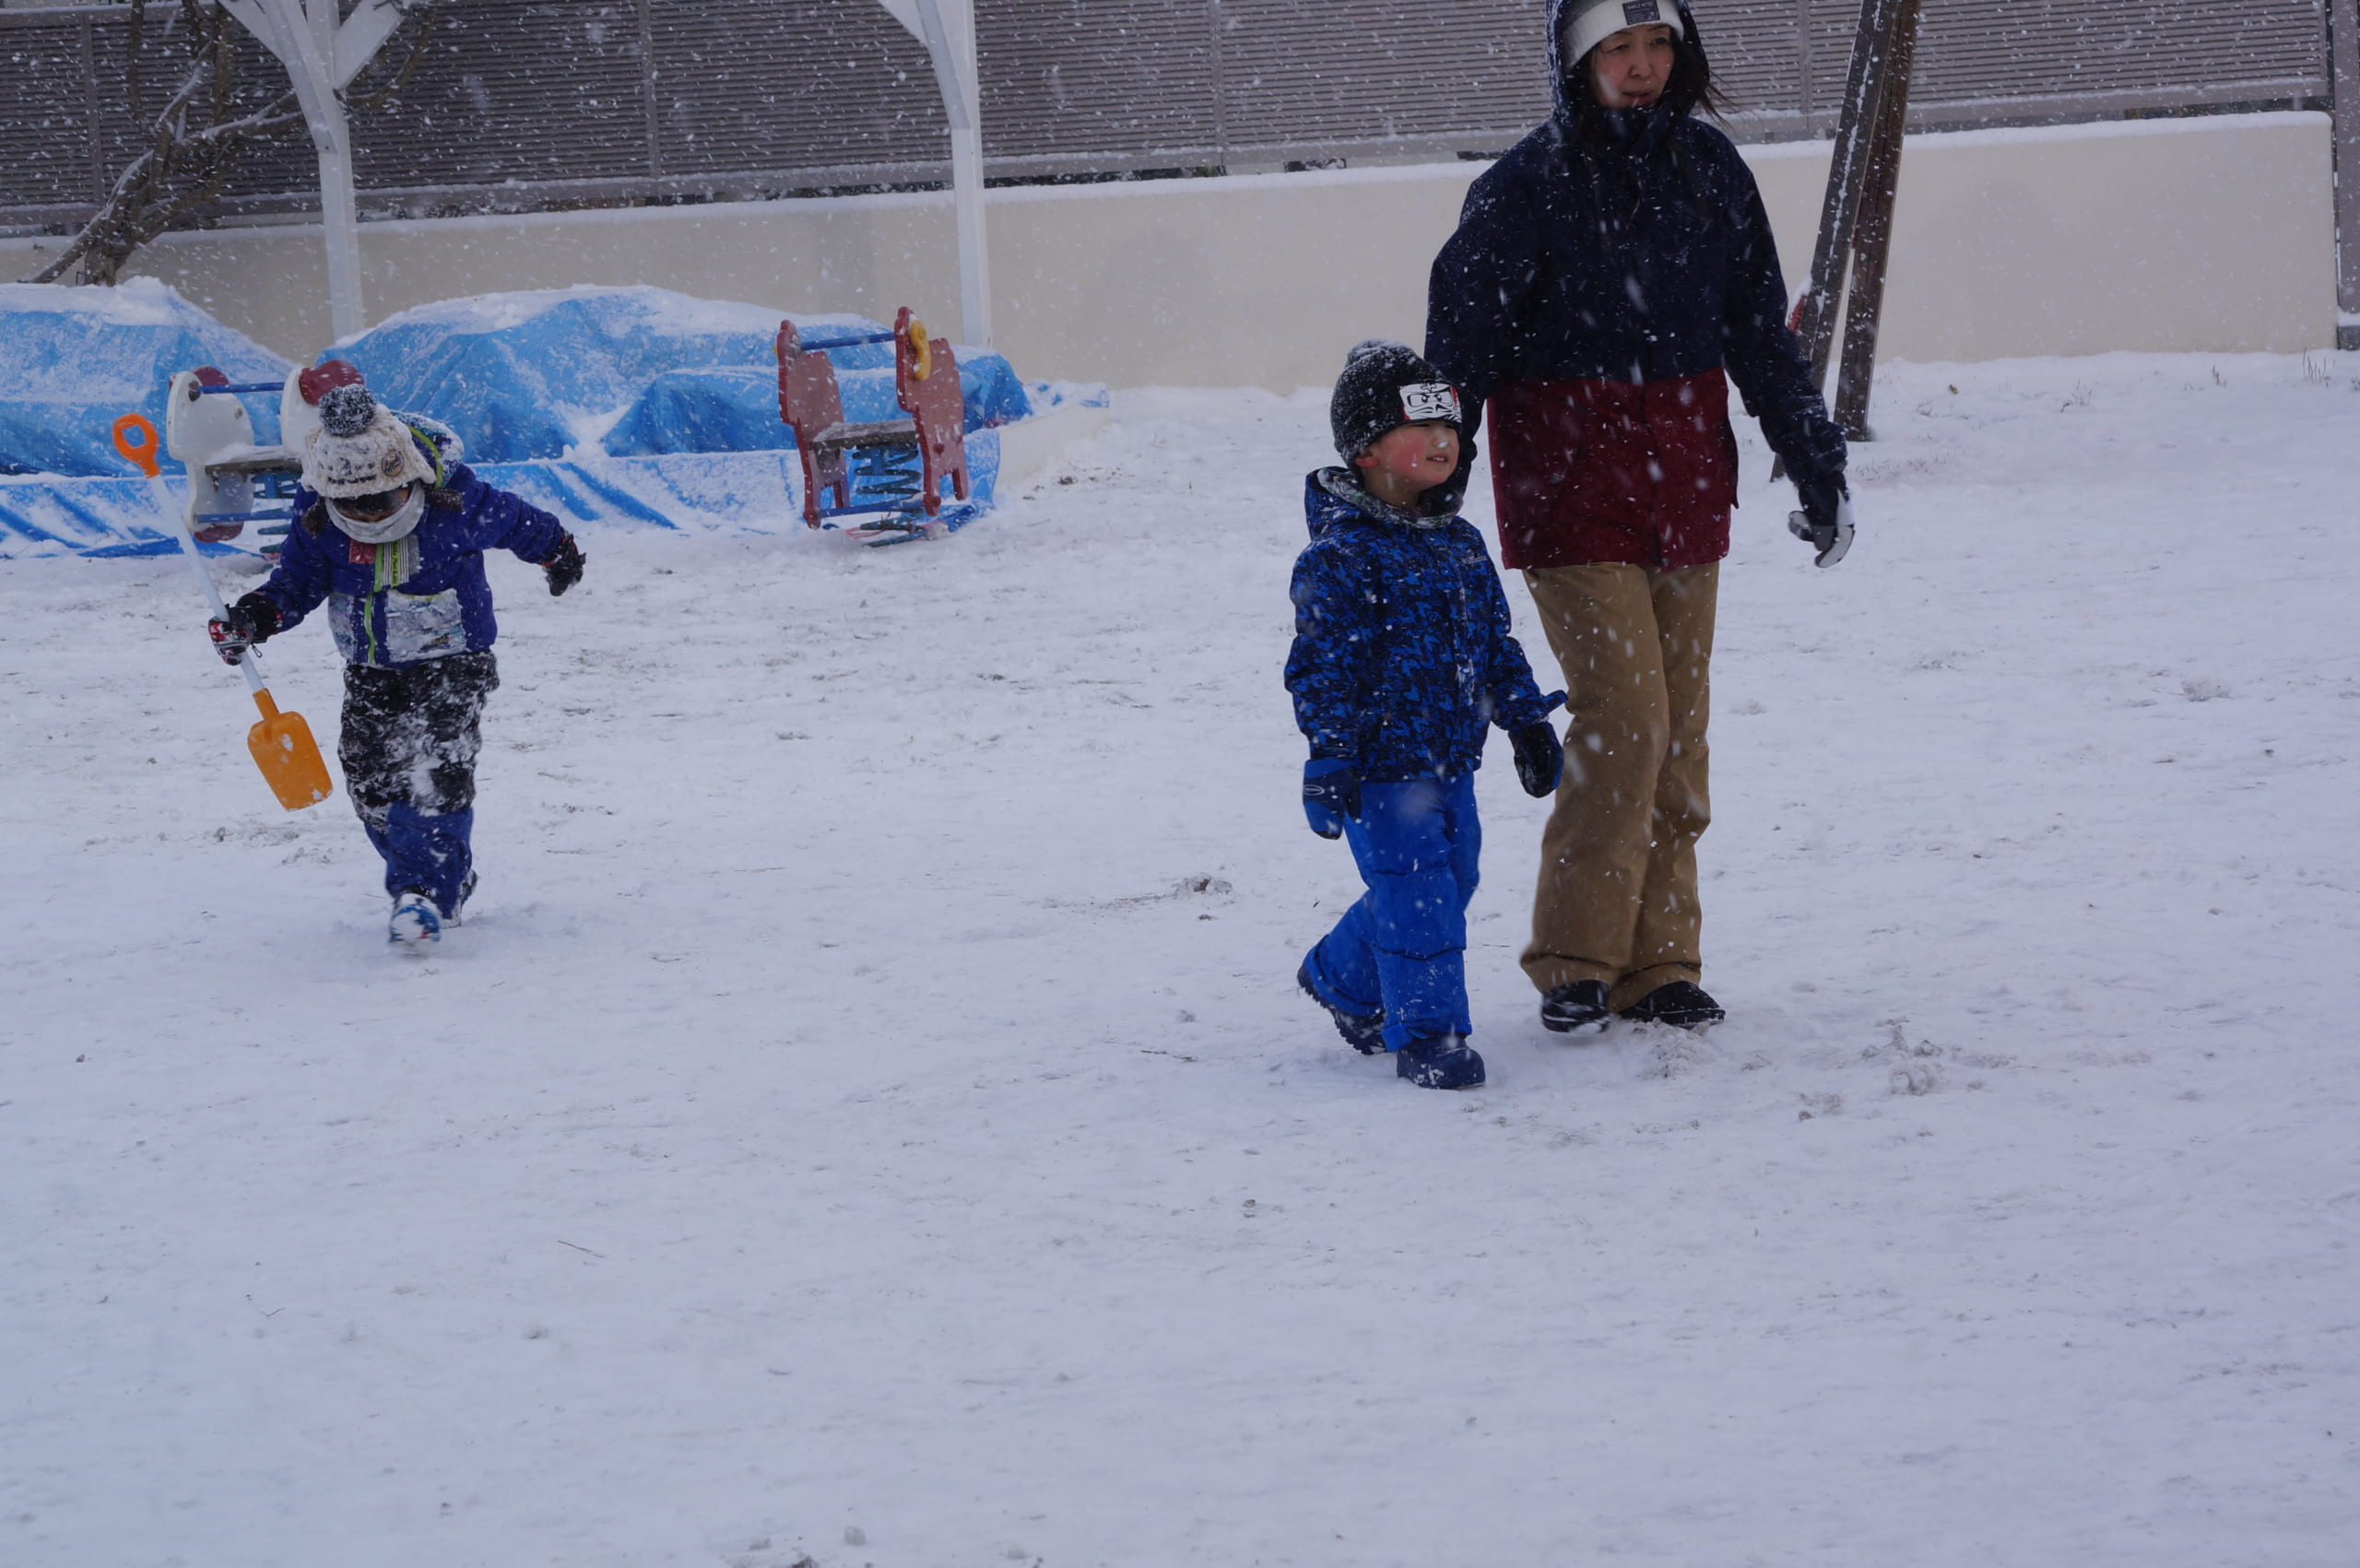 大好きな雪あそび 💖